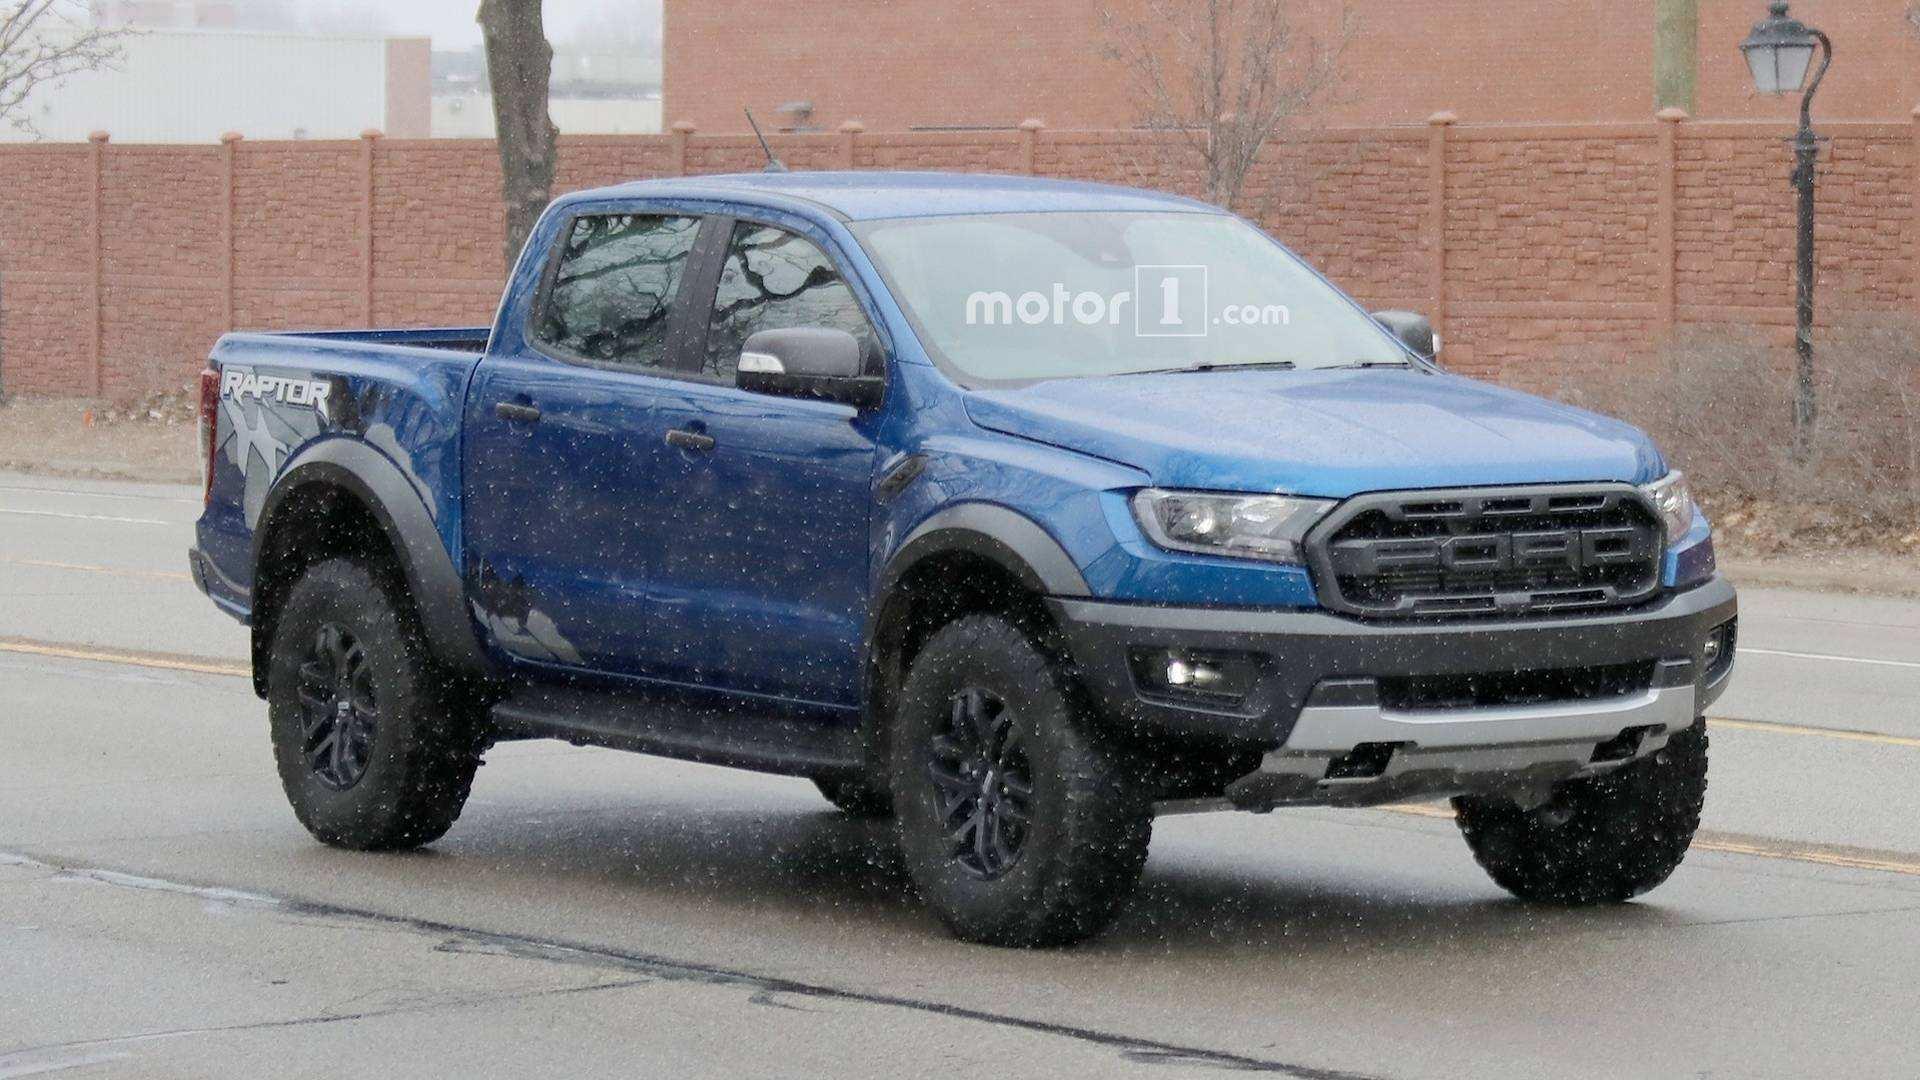 48 New Ford Ranger Raptor 2020 Style for Ford Ranger Raptor 2020